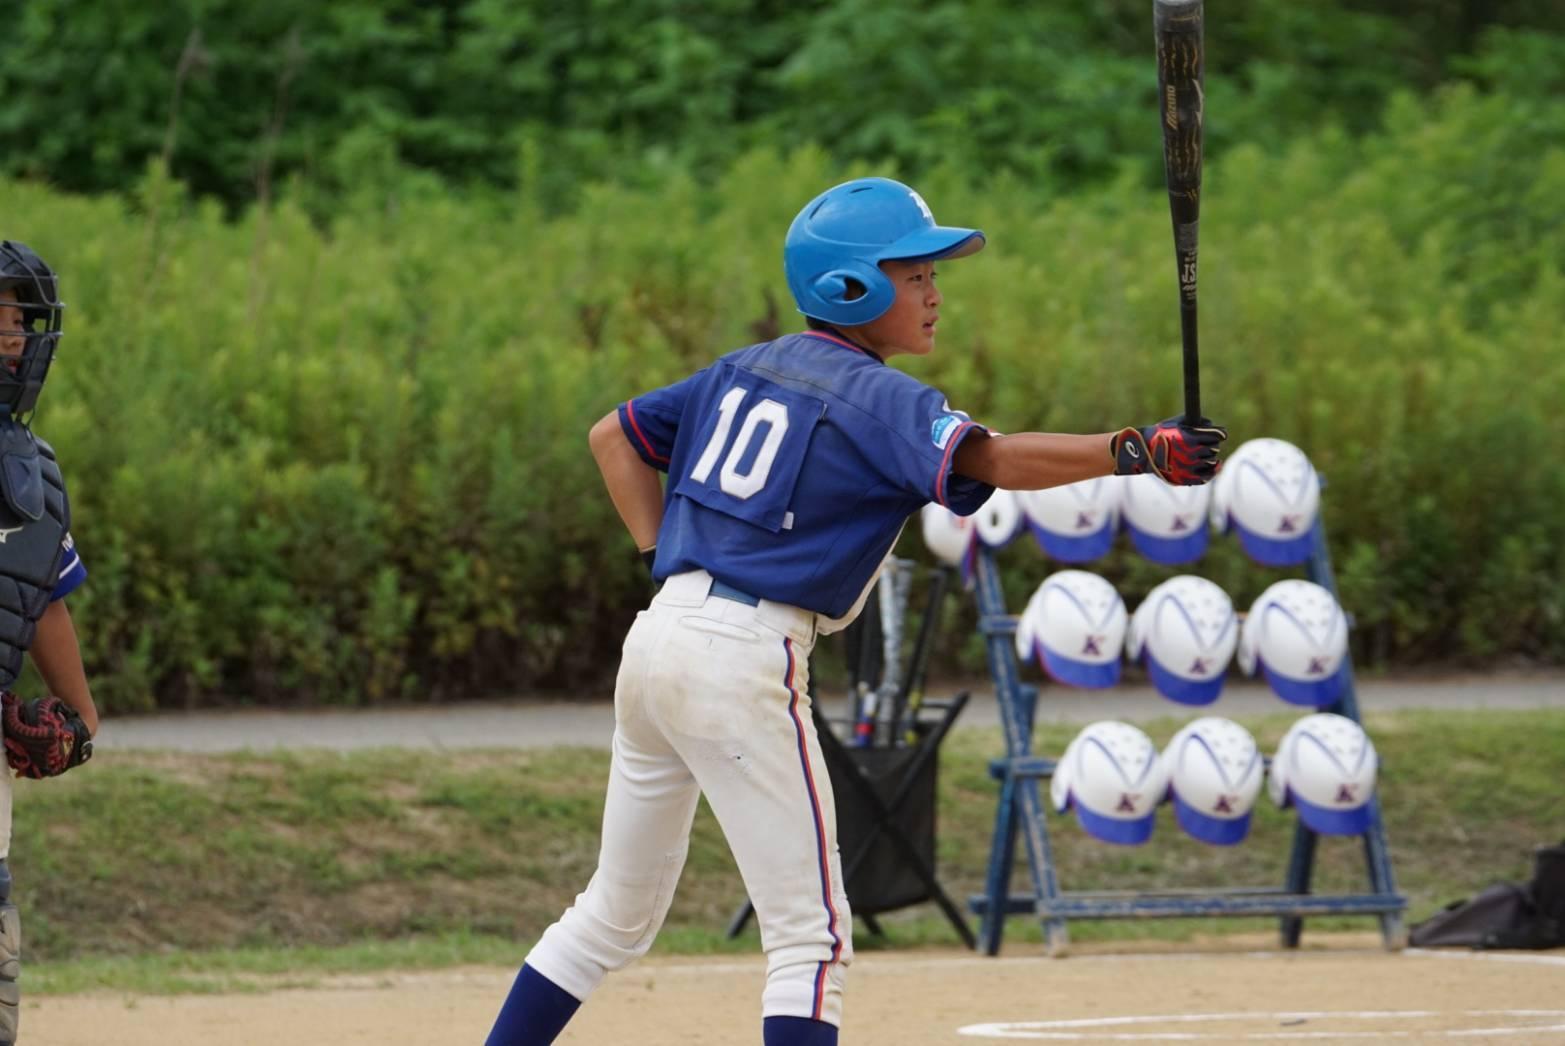 第36回ライオンズクラブ旗争奪長岡市少年野球大会結果です!_b0095176_08593932.jpeg